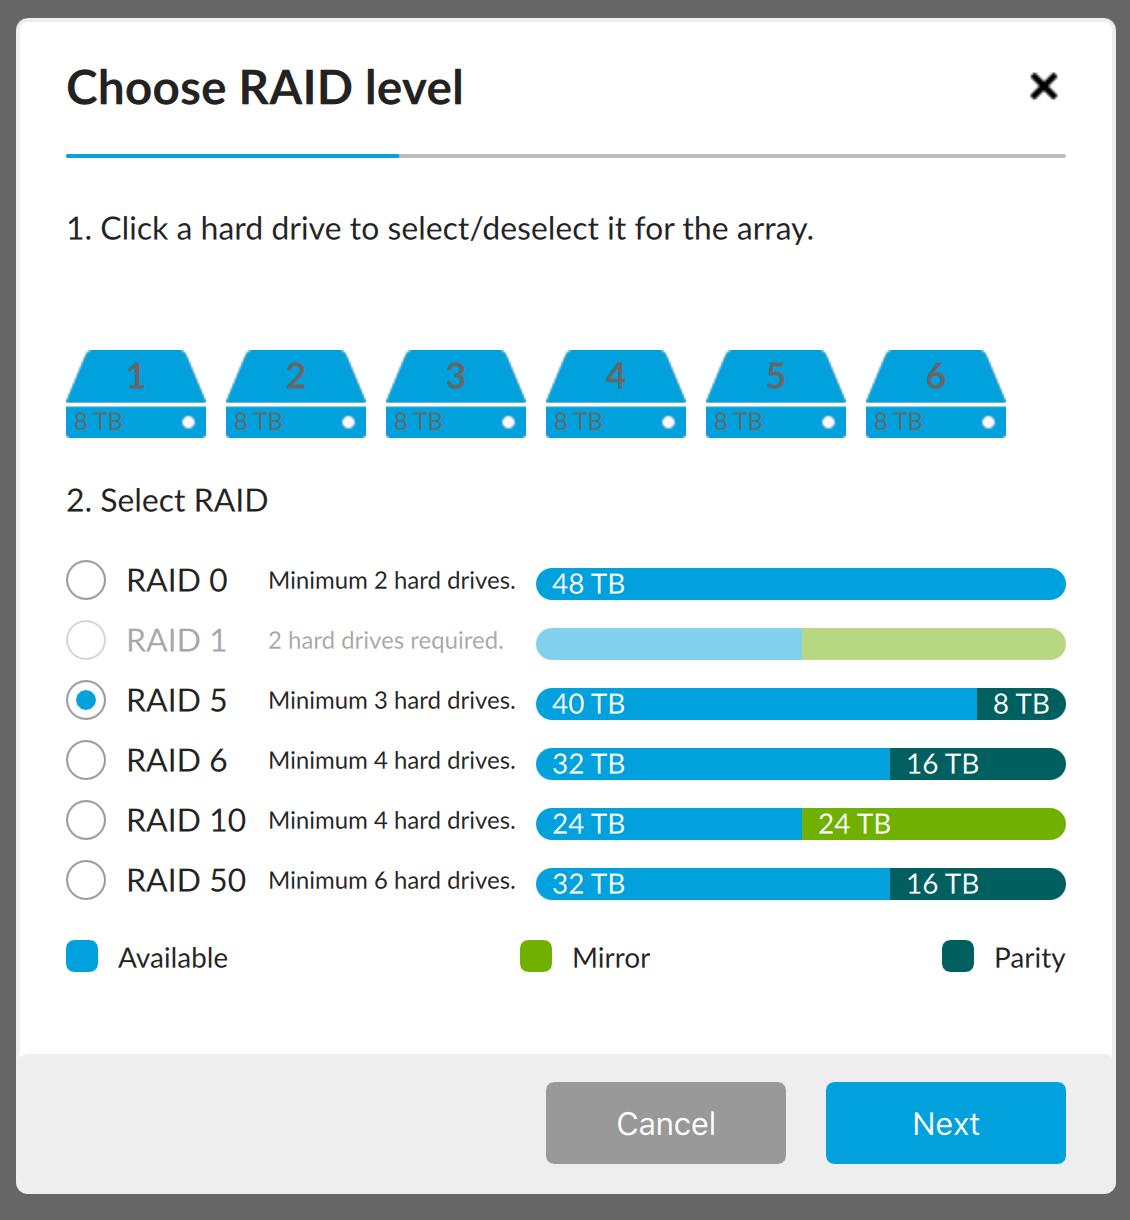 LaCie 12big  Thunderbolt 3 RAID Review 15